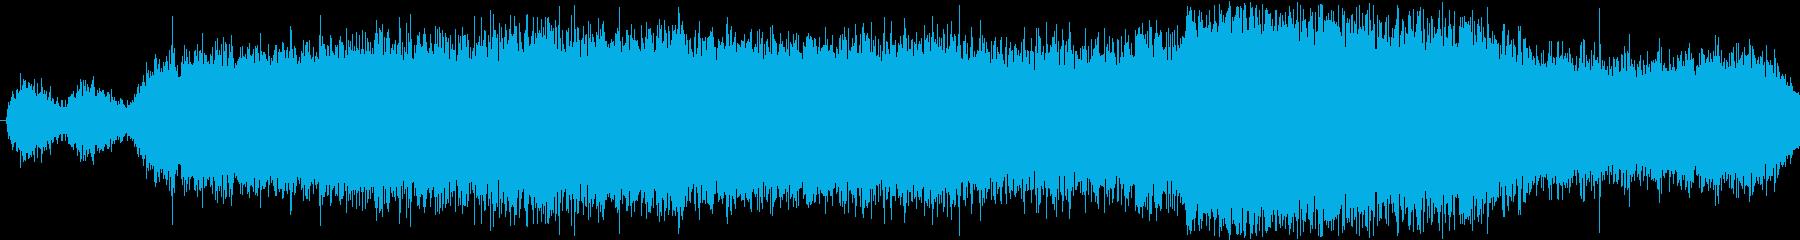 異空間風変な音の再生済みの波形